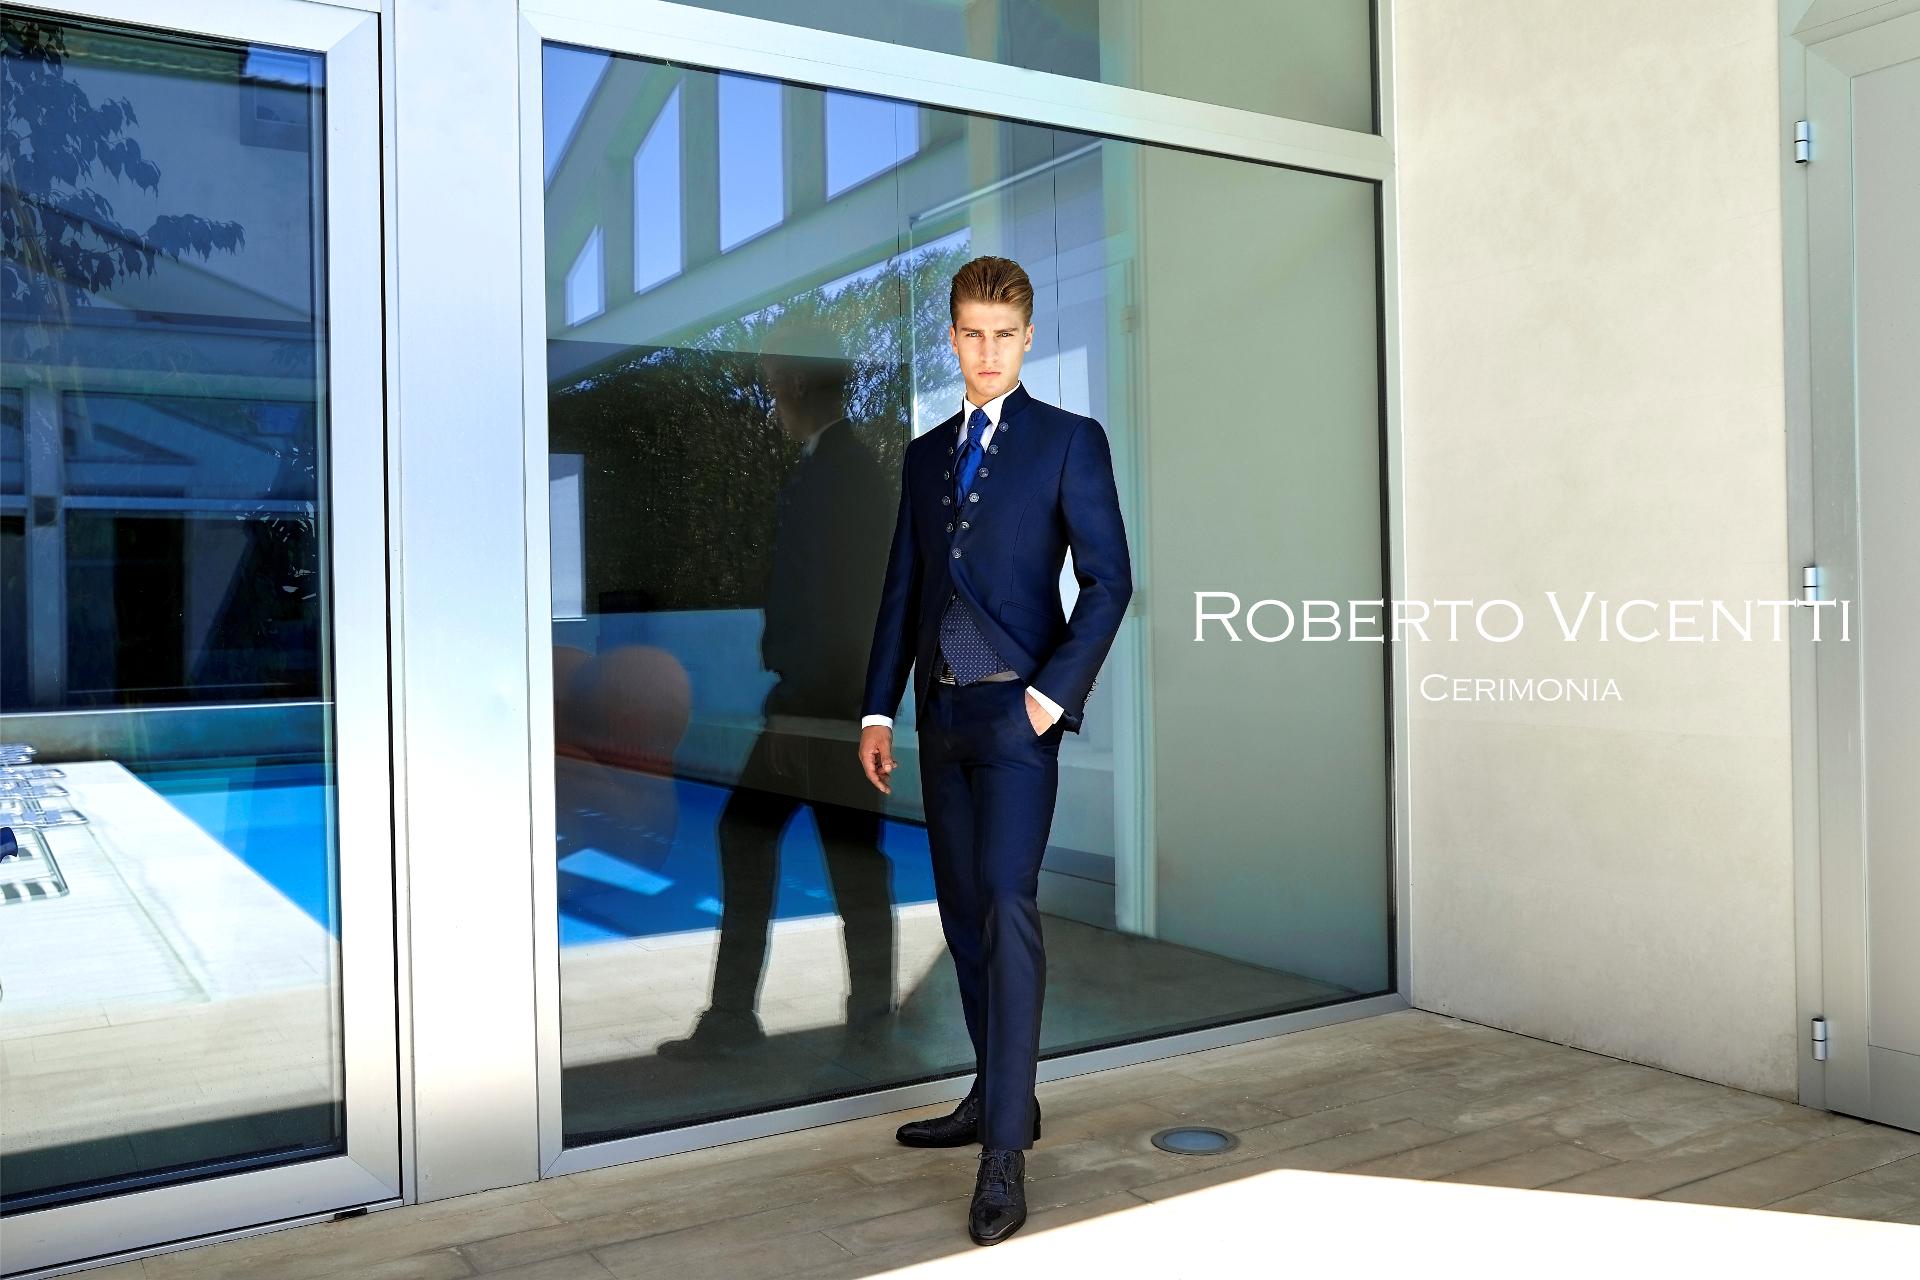 Trajes de ceremonia Roberto Vicentti RV1_5